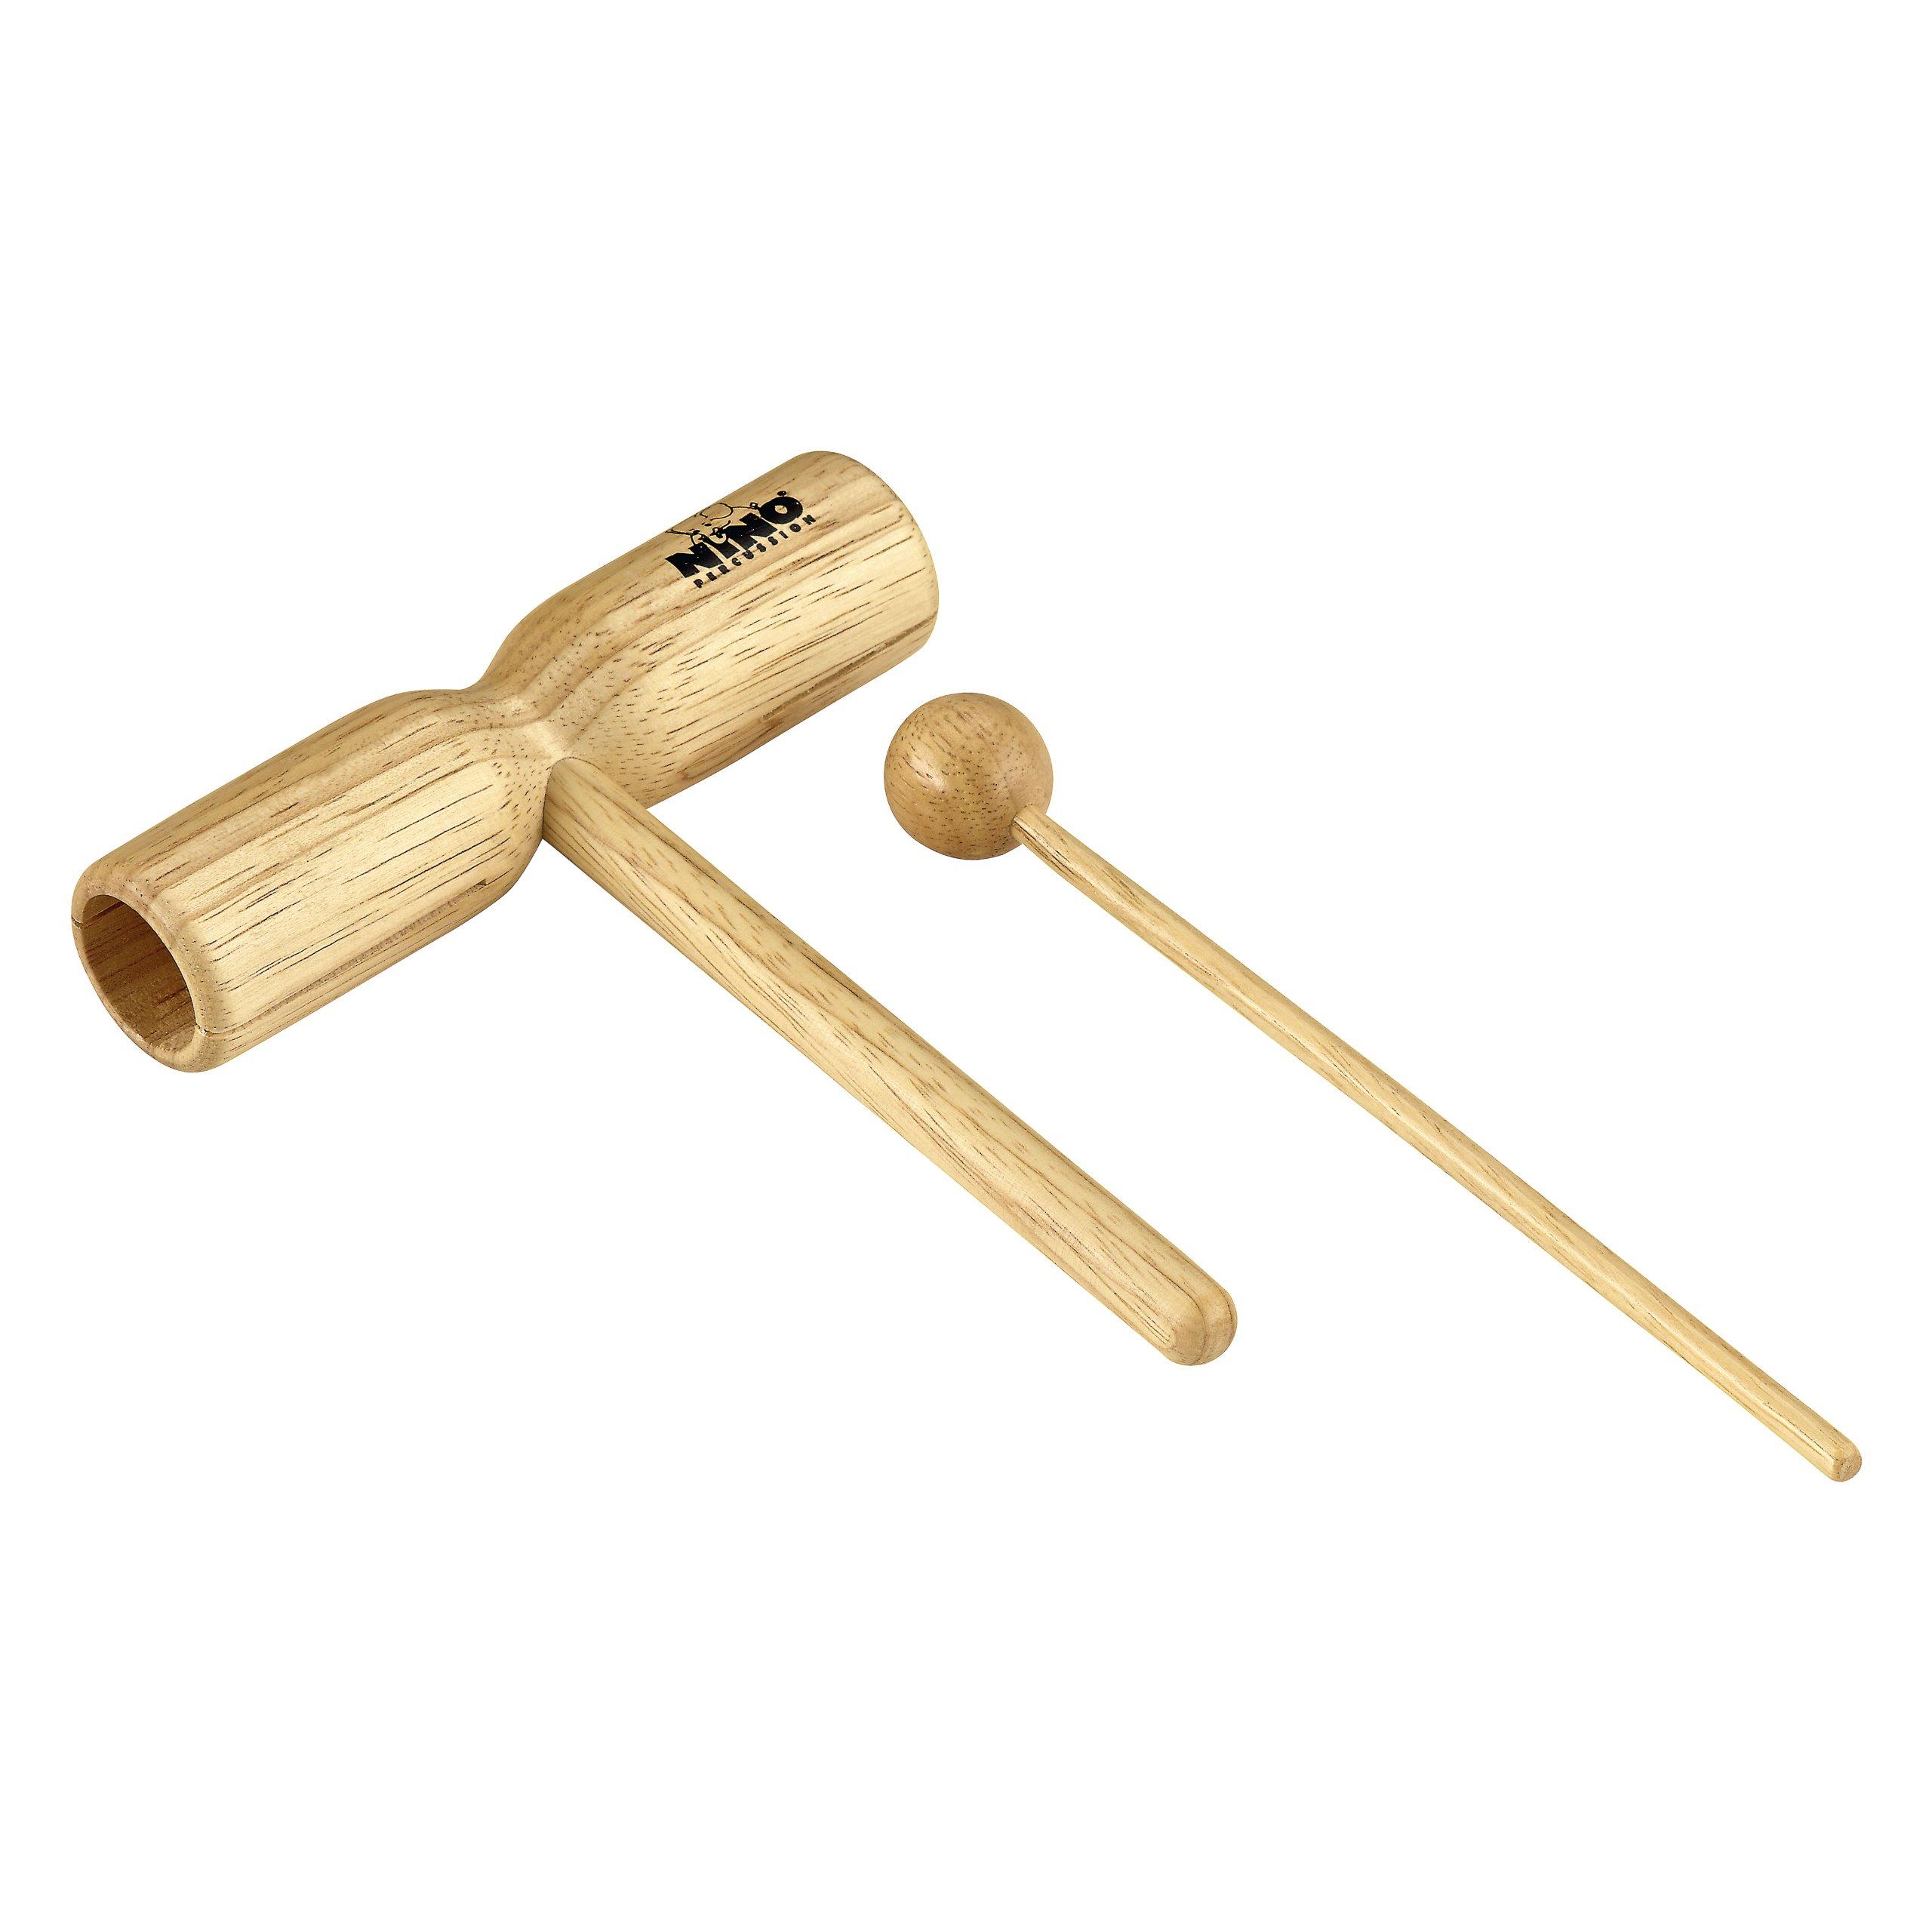 Nino Percussion NINO570 Small Wood Tone Block, Natural Finish by Nino Percussion